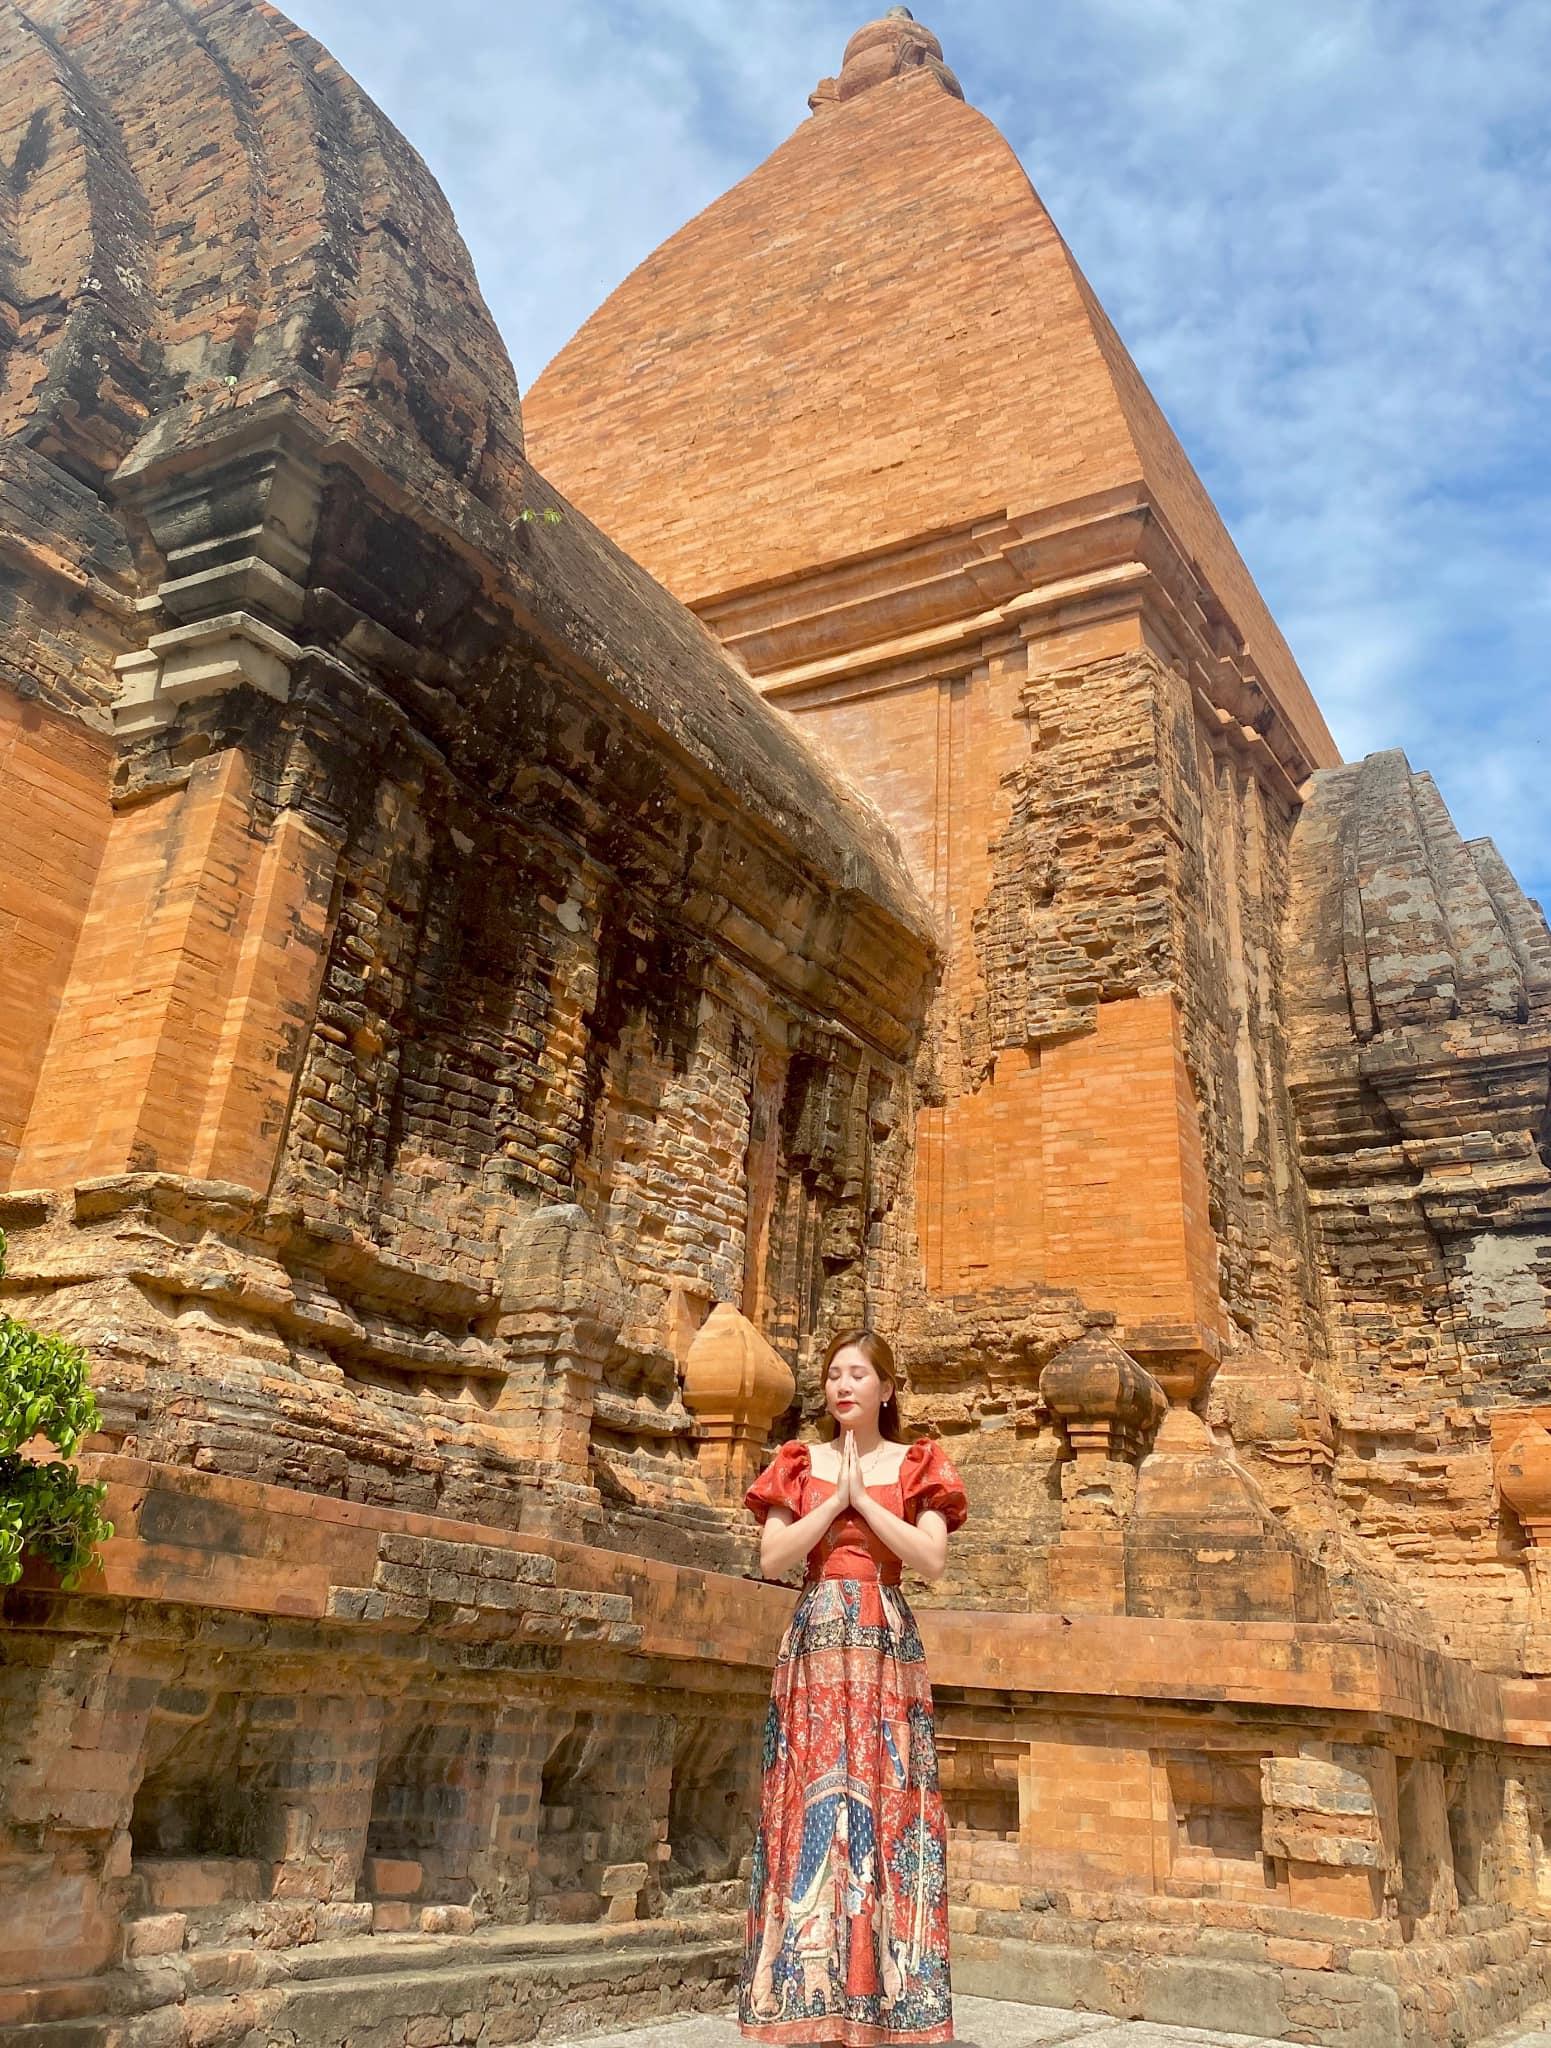 Tour du lịch từ Hải Phòng đi Nha Trang: Ưu đãi bất tận trong mùa hè này - Ảnh 11.